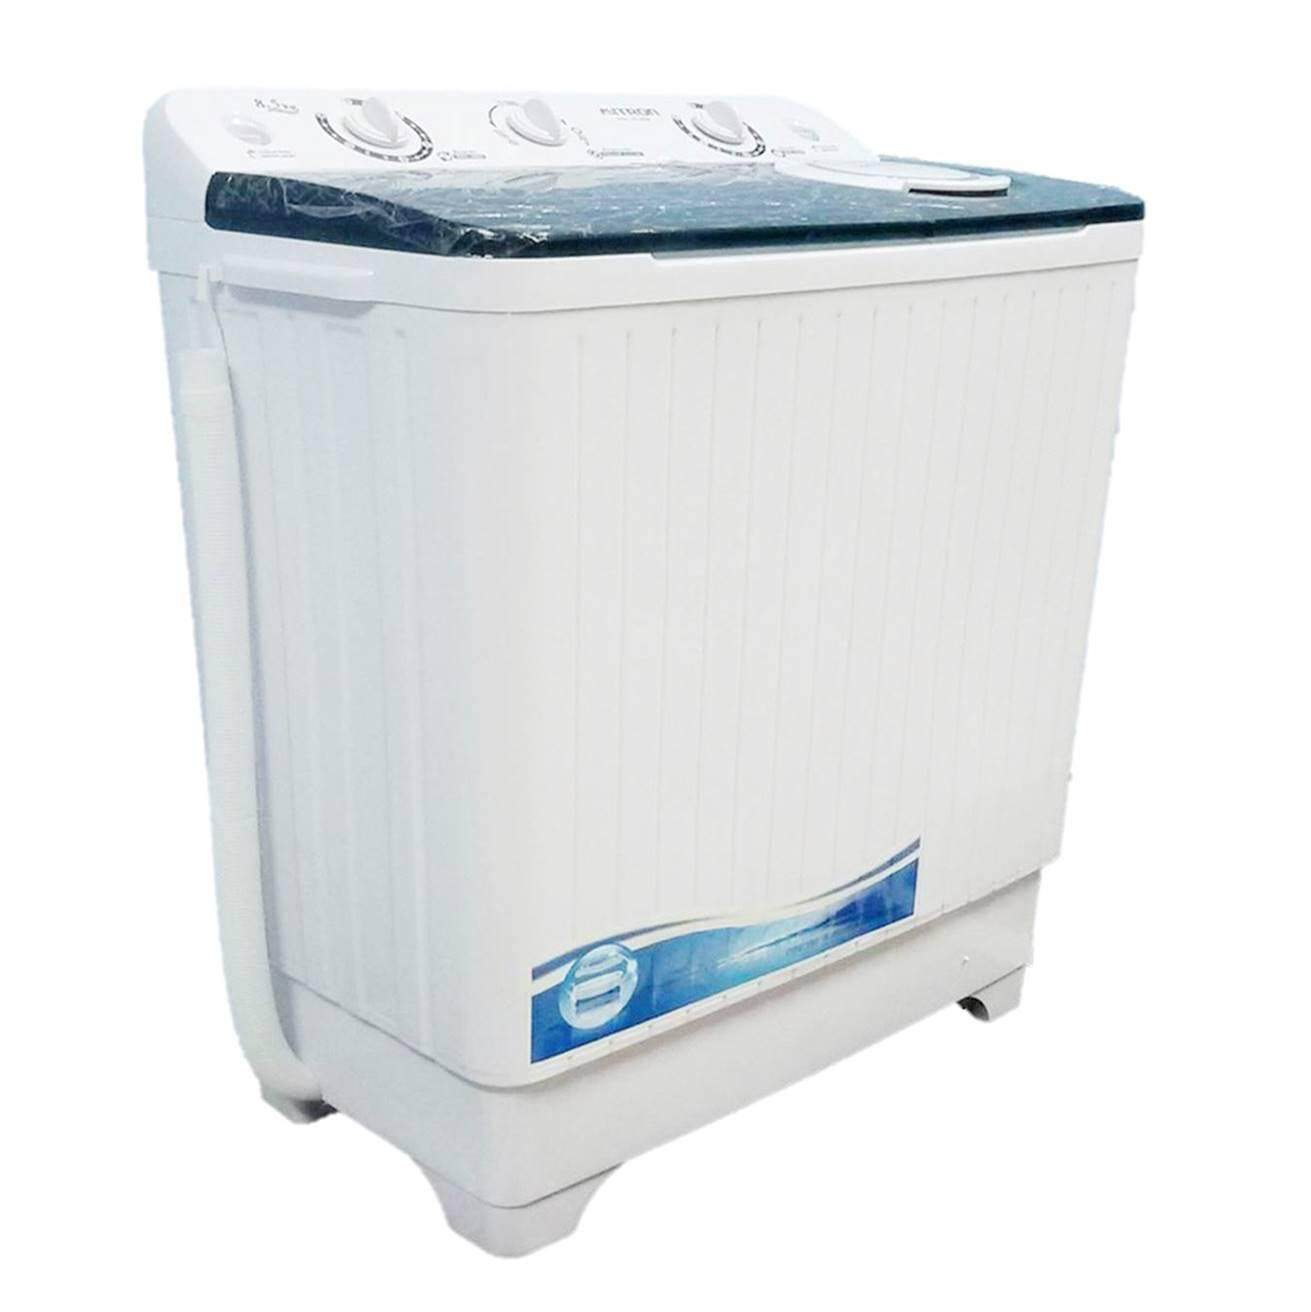 ถูกสุดๆ เครื่องซักผ้า No Brand Sale -60% Imarflex เครื่องซักผ้าสองถัง รุ่น WM-201 ขนาด 2 กก. รับประกัน 1 ปี รับประกันมอเตอร์ 5 ปี ขายถูกที่สุดแล้ว